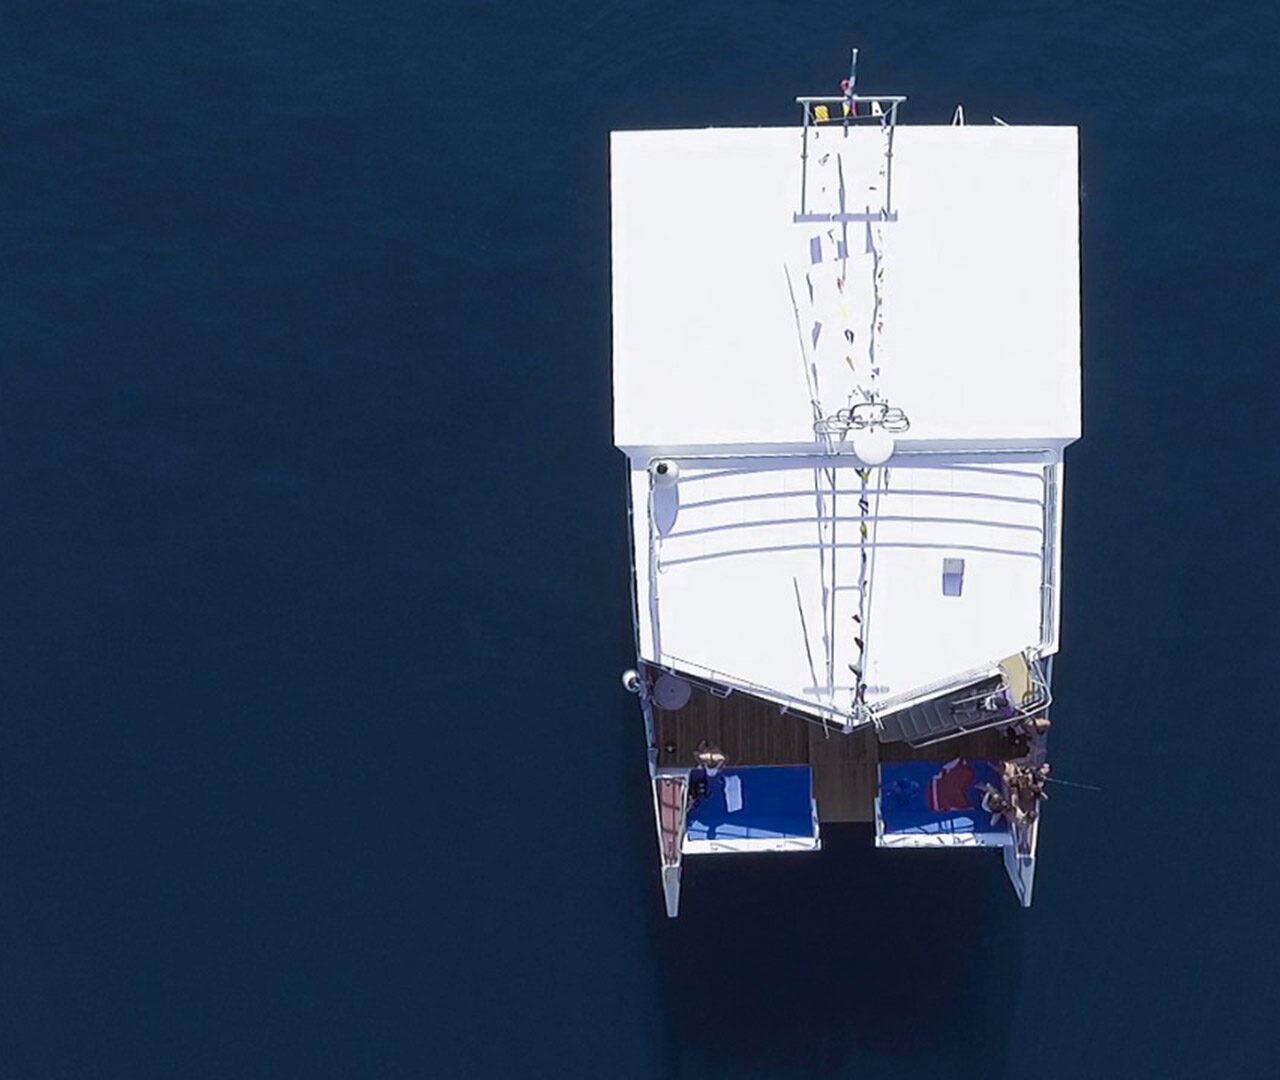 catamarano-raptus-seaward-noleggio-monopoli2